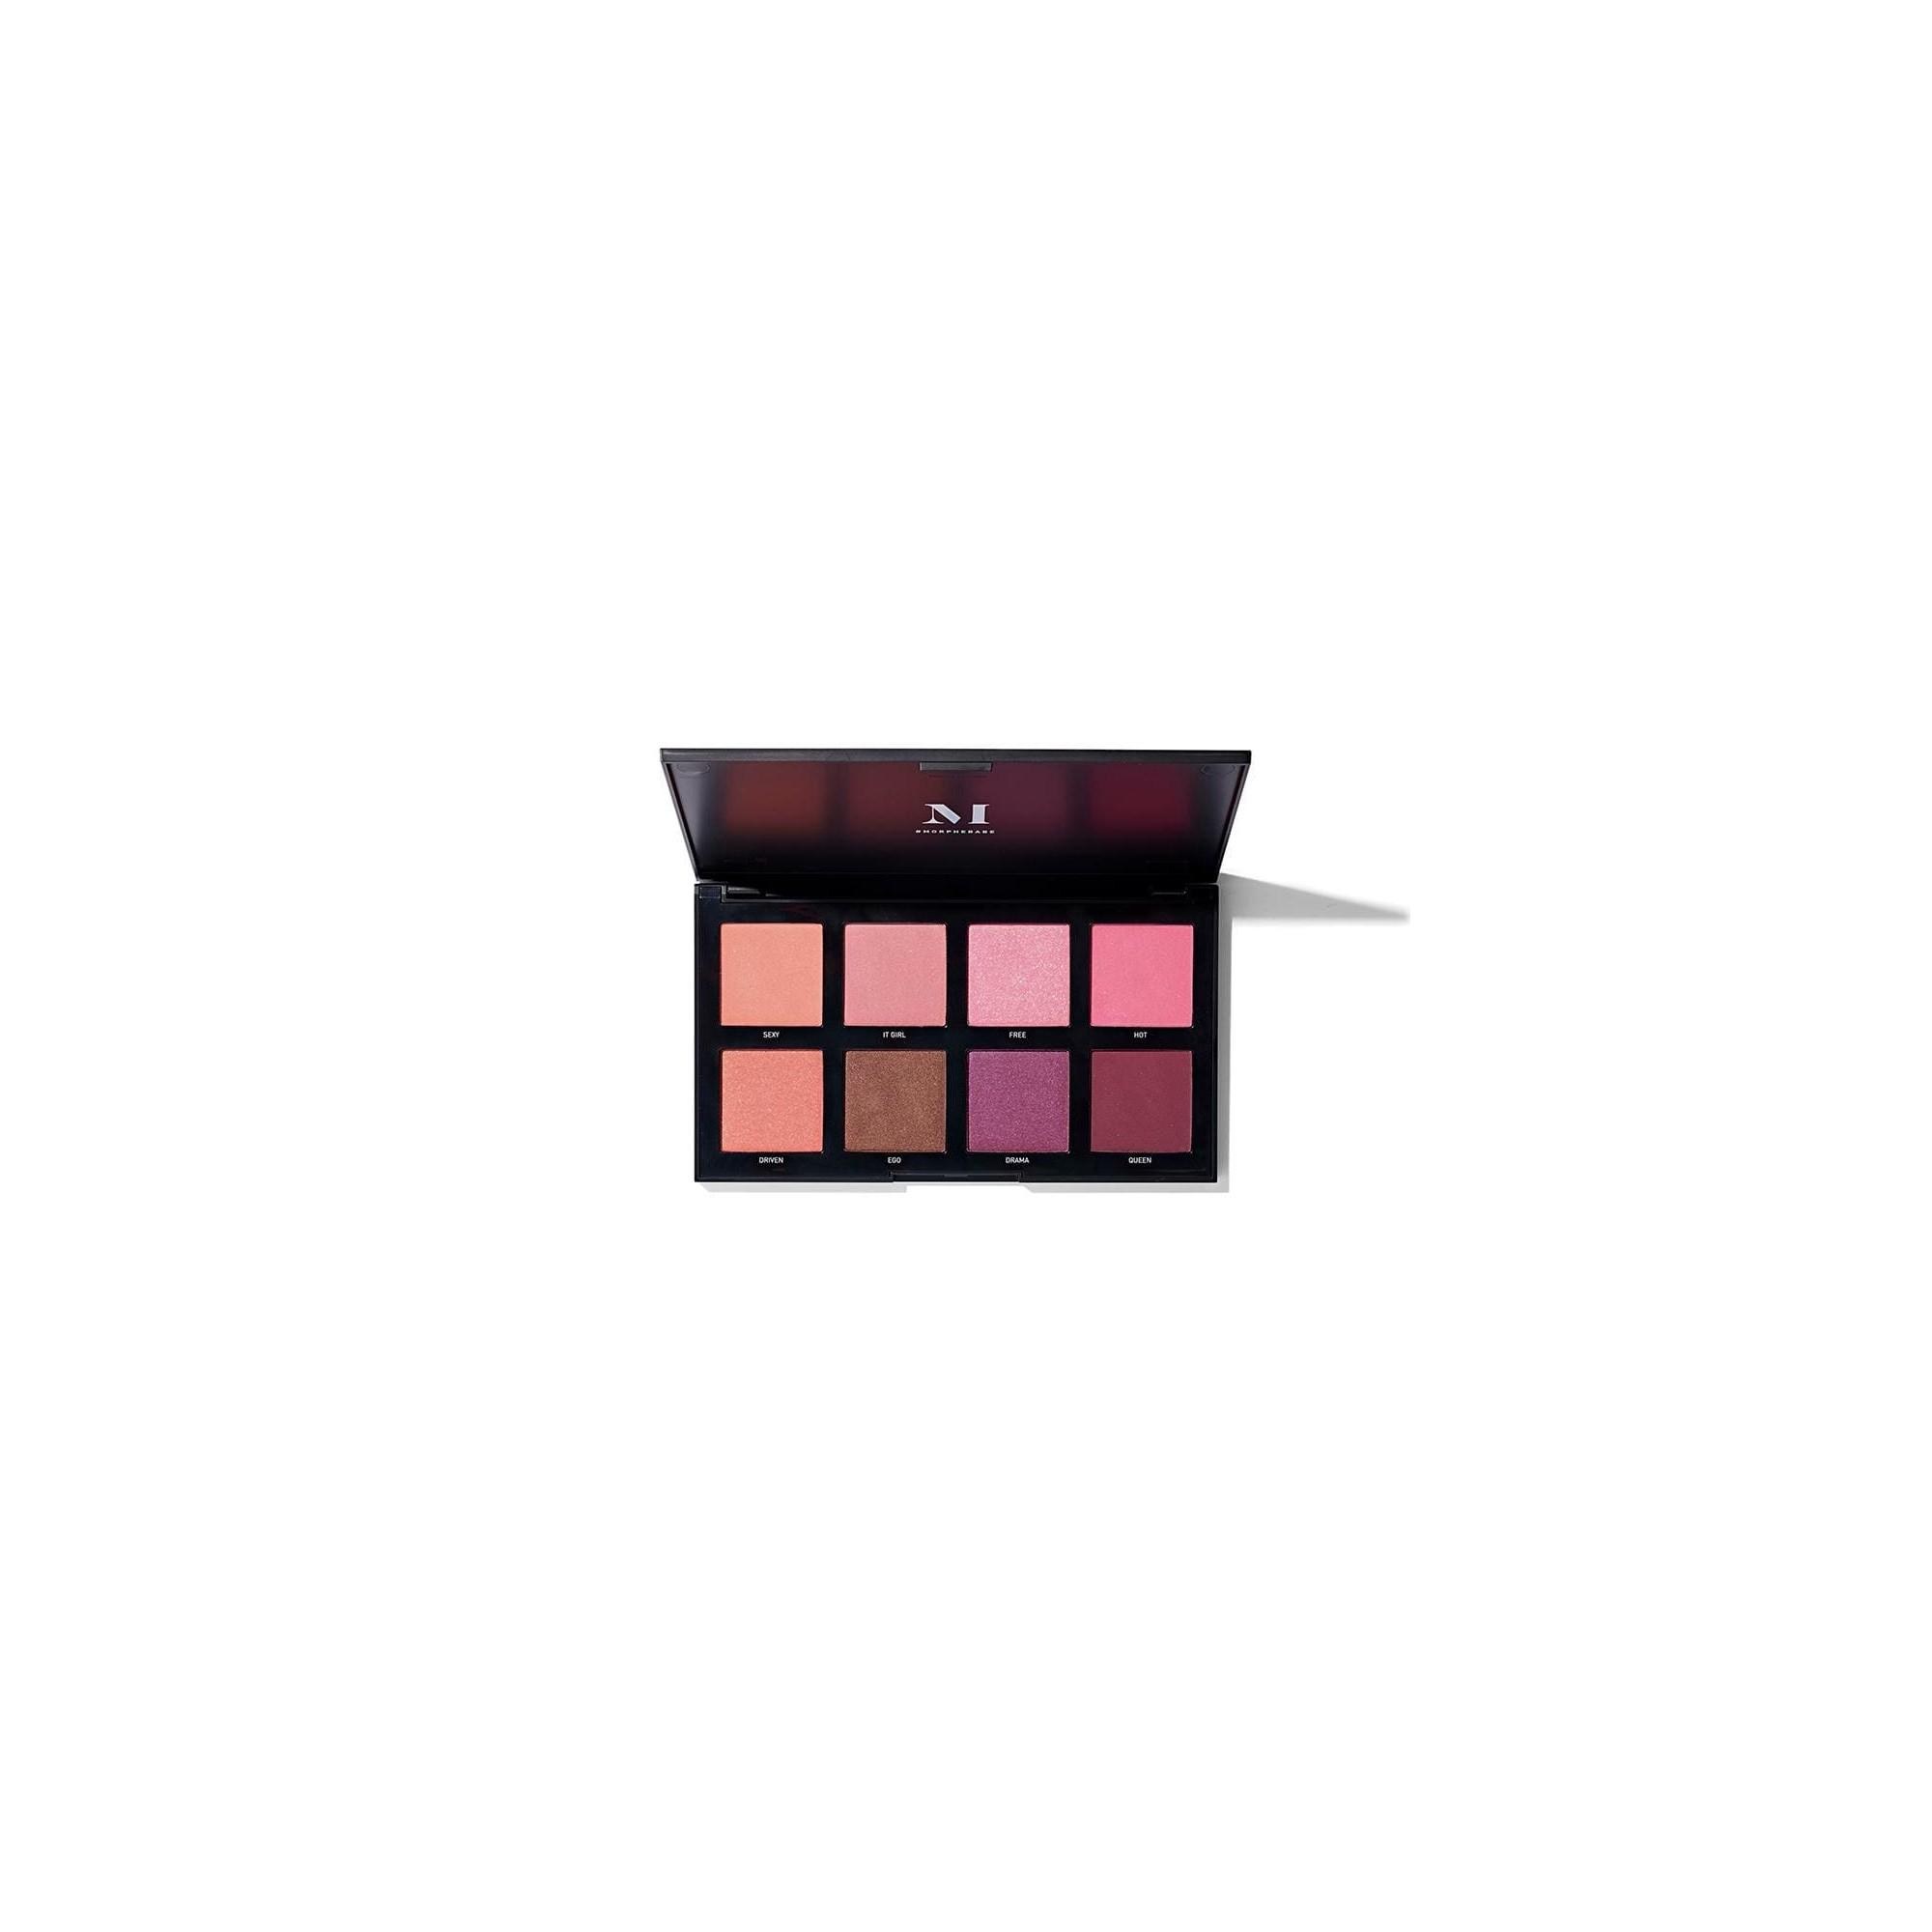 Morphe 8C Cool Pro Blush Palette